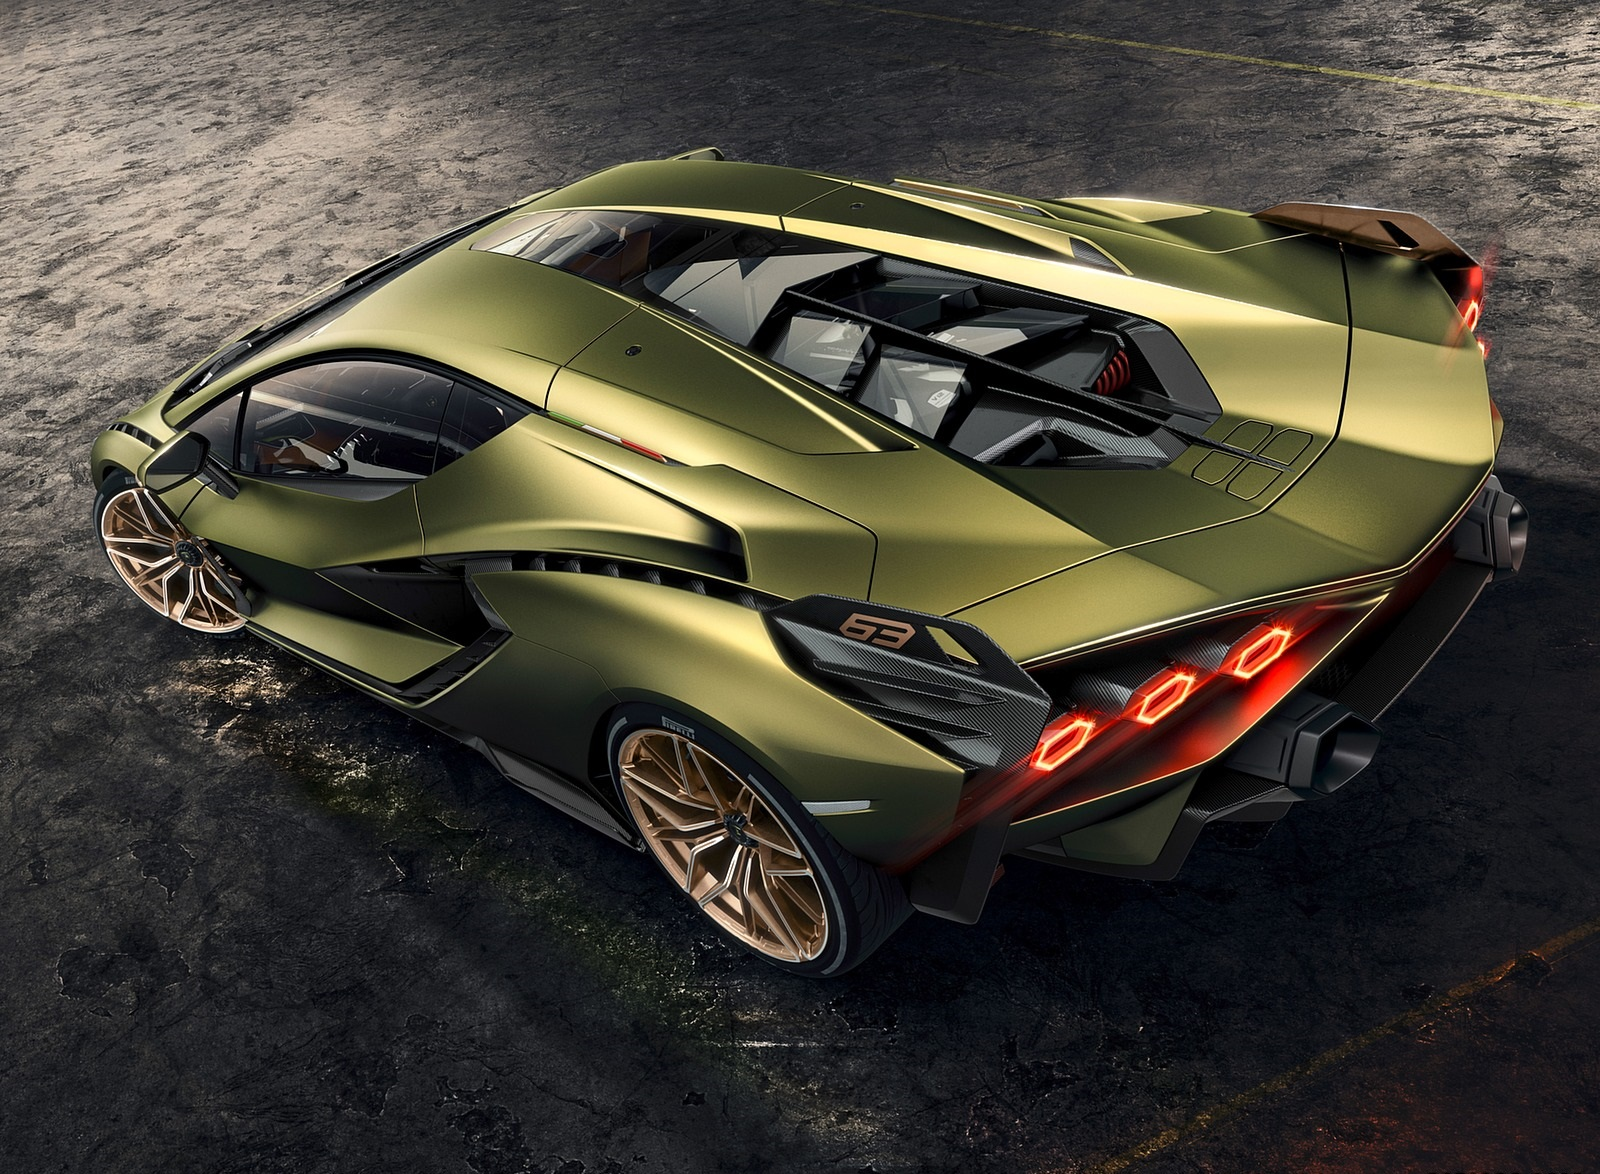 2020 Lamborghini Sián Top Wallpapers #8 of 18